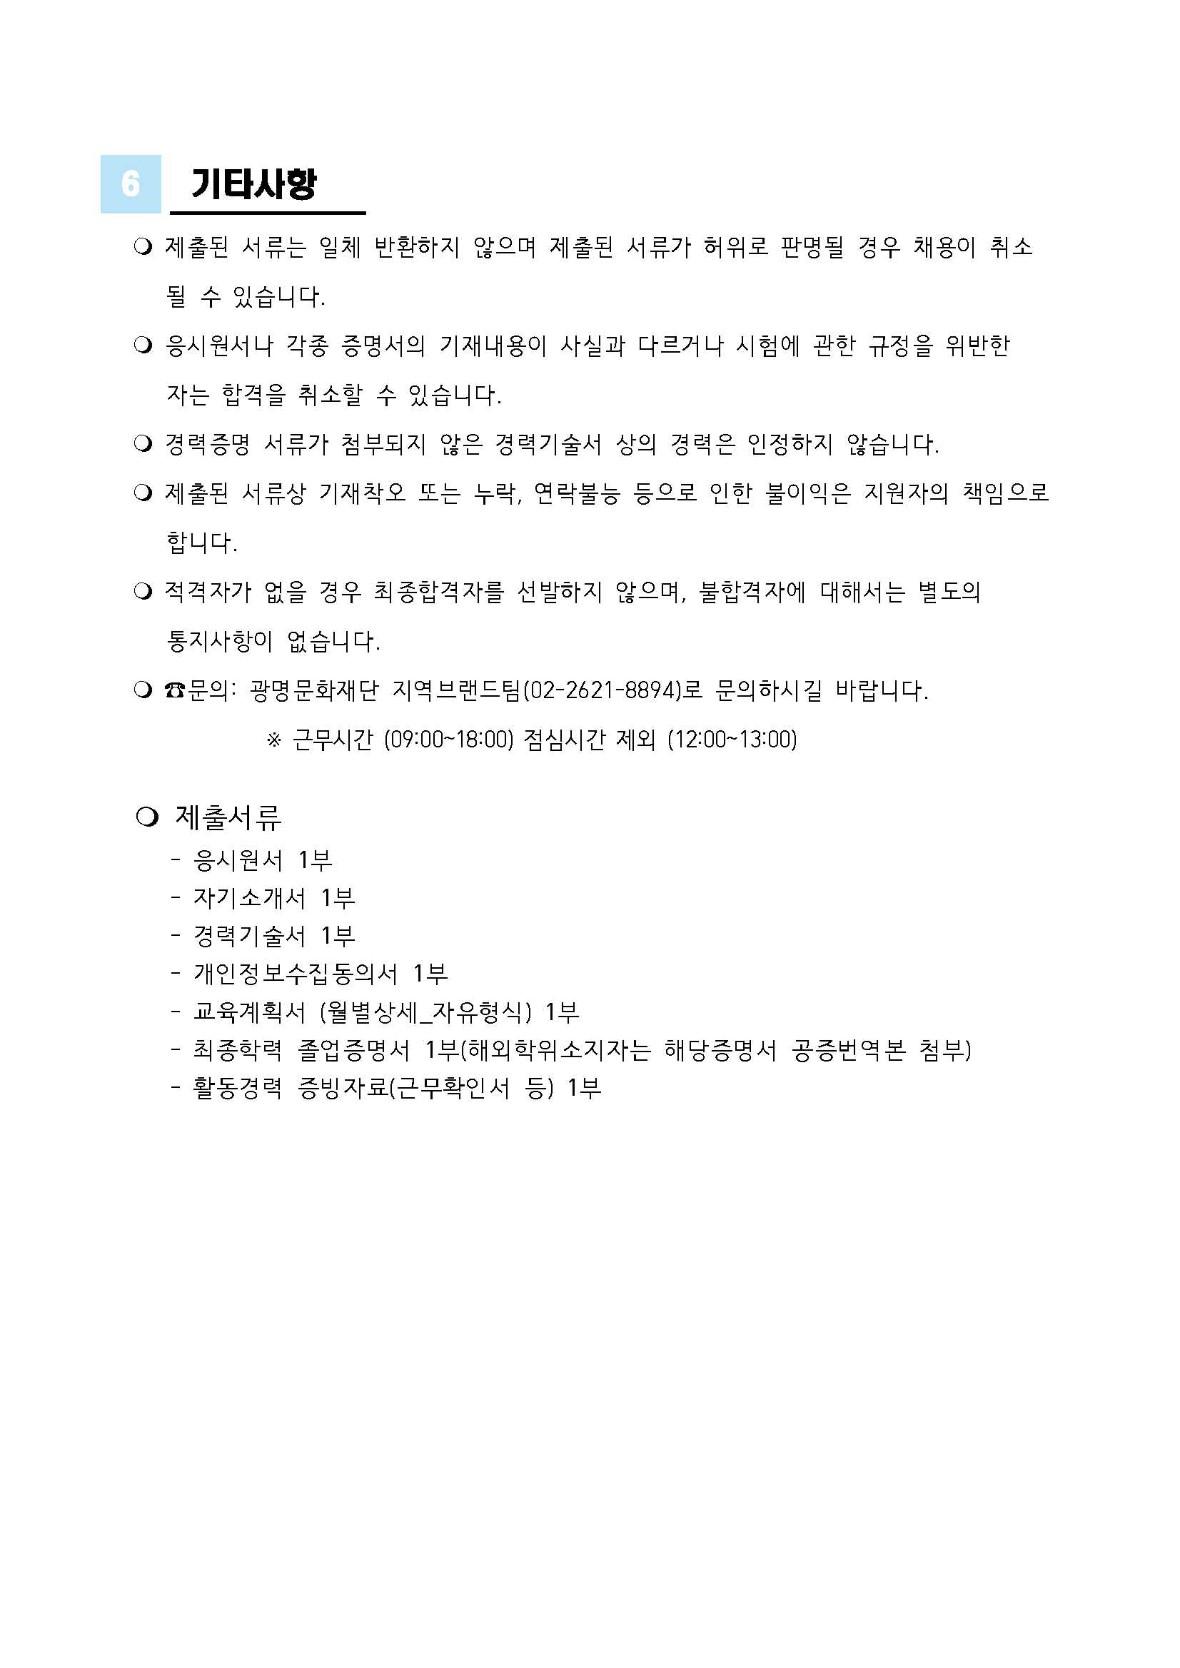 1.[공고문] (재)광명문화재단 2021 광명청소년음악원 음악감독 공개채용 (0330)_3.jpg